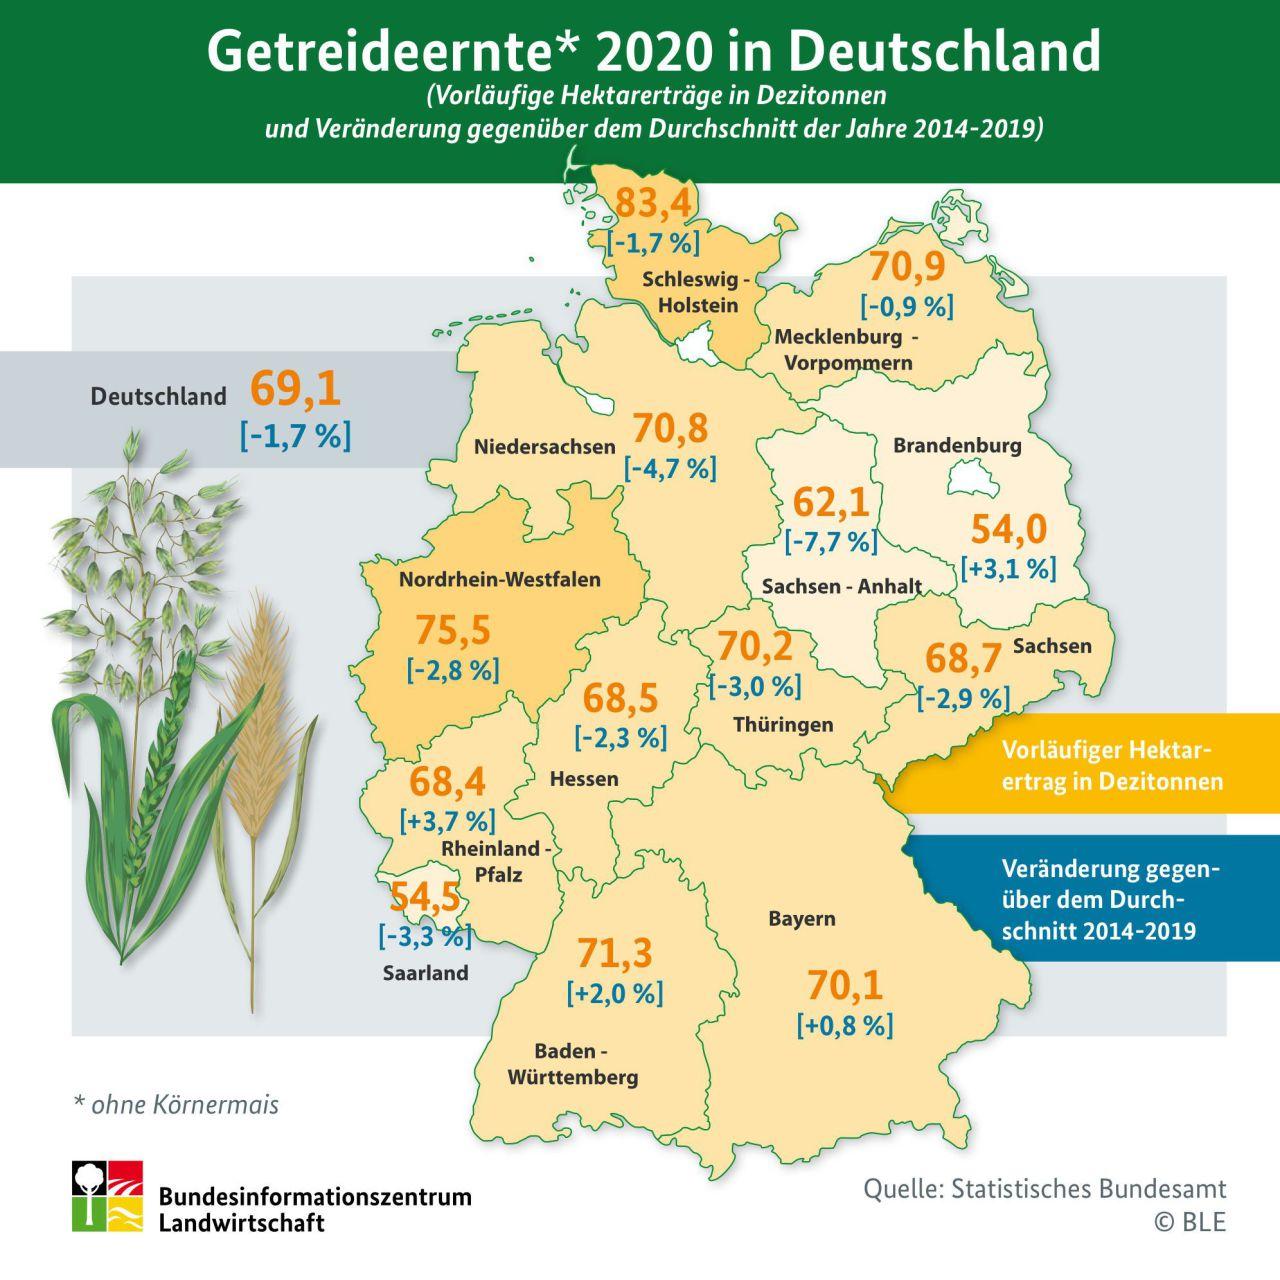 Erntemengen 2020